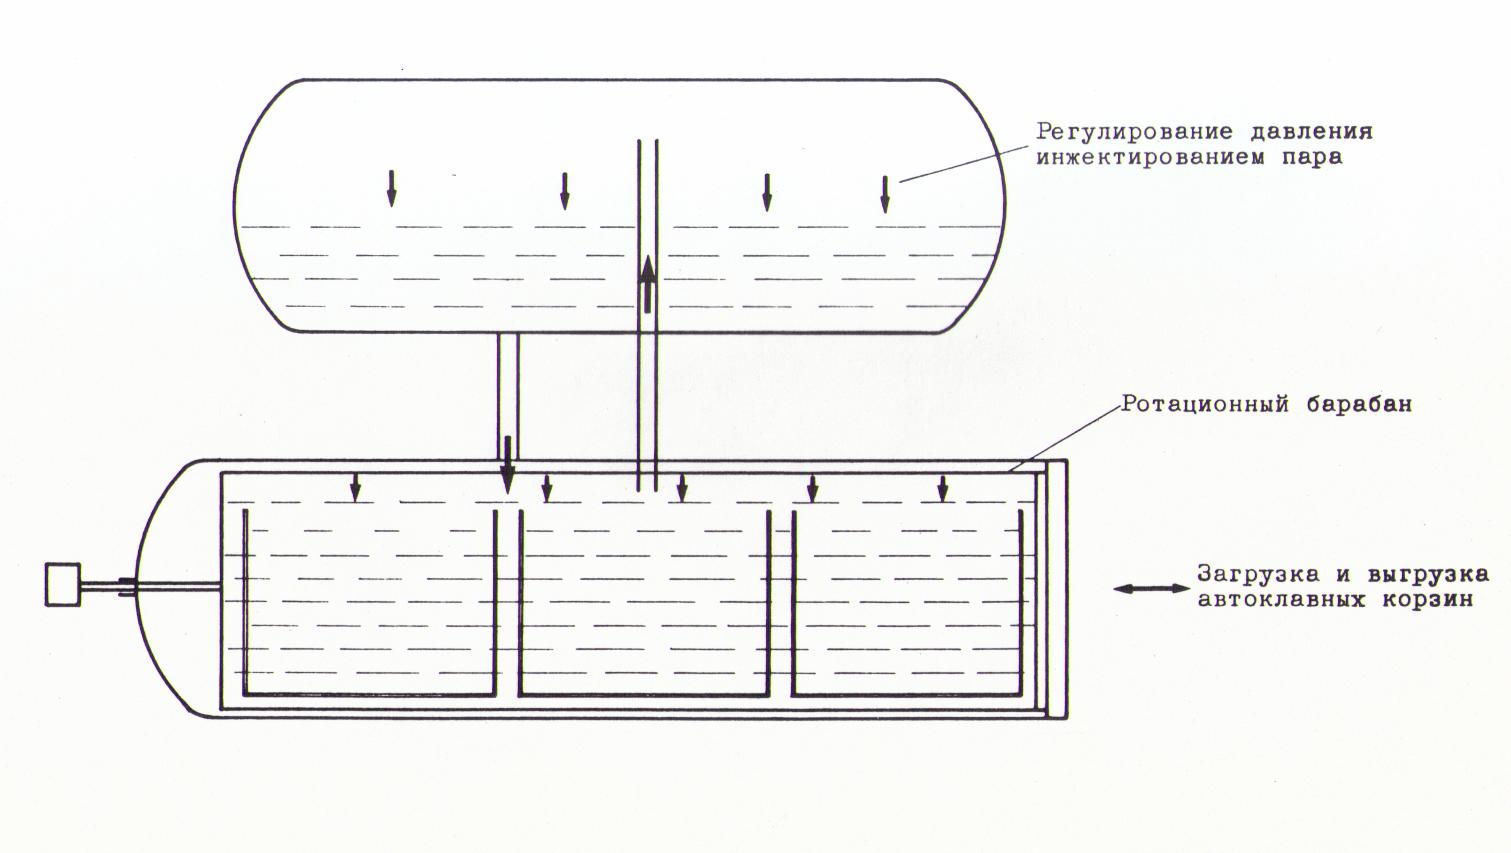 Автоклав для домашнего консервирования – что это такое, как работает и зачем используется?